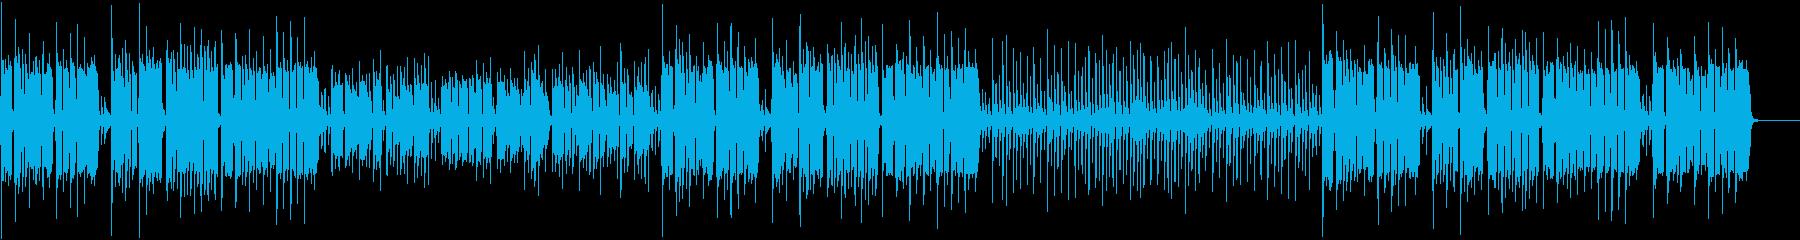 リコーダーがほのぼの可愛い「お正月」の再生済みの波形